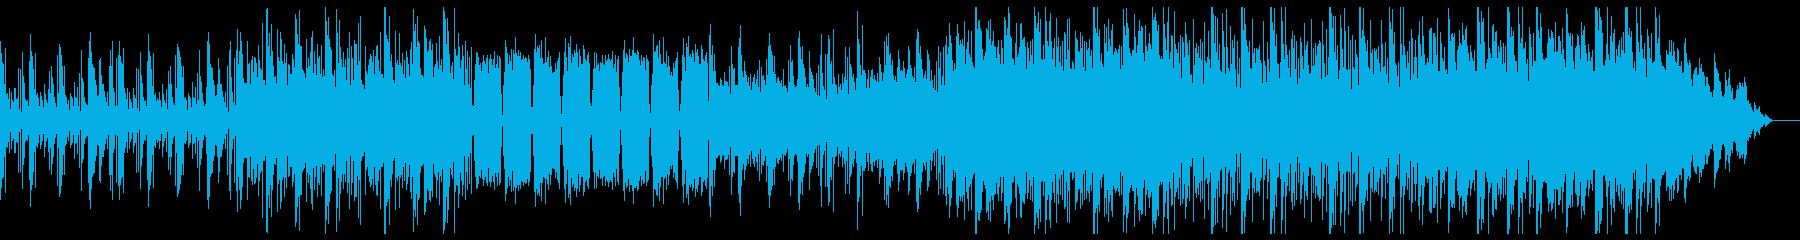 エスニックなエレクトロニカの再生済みの波形